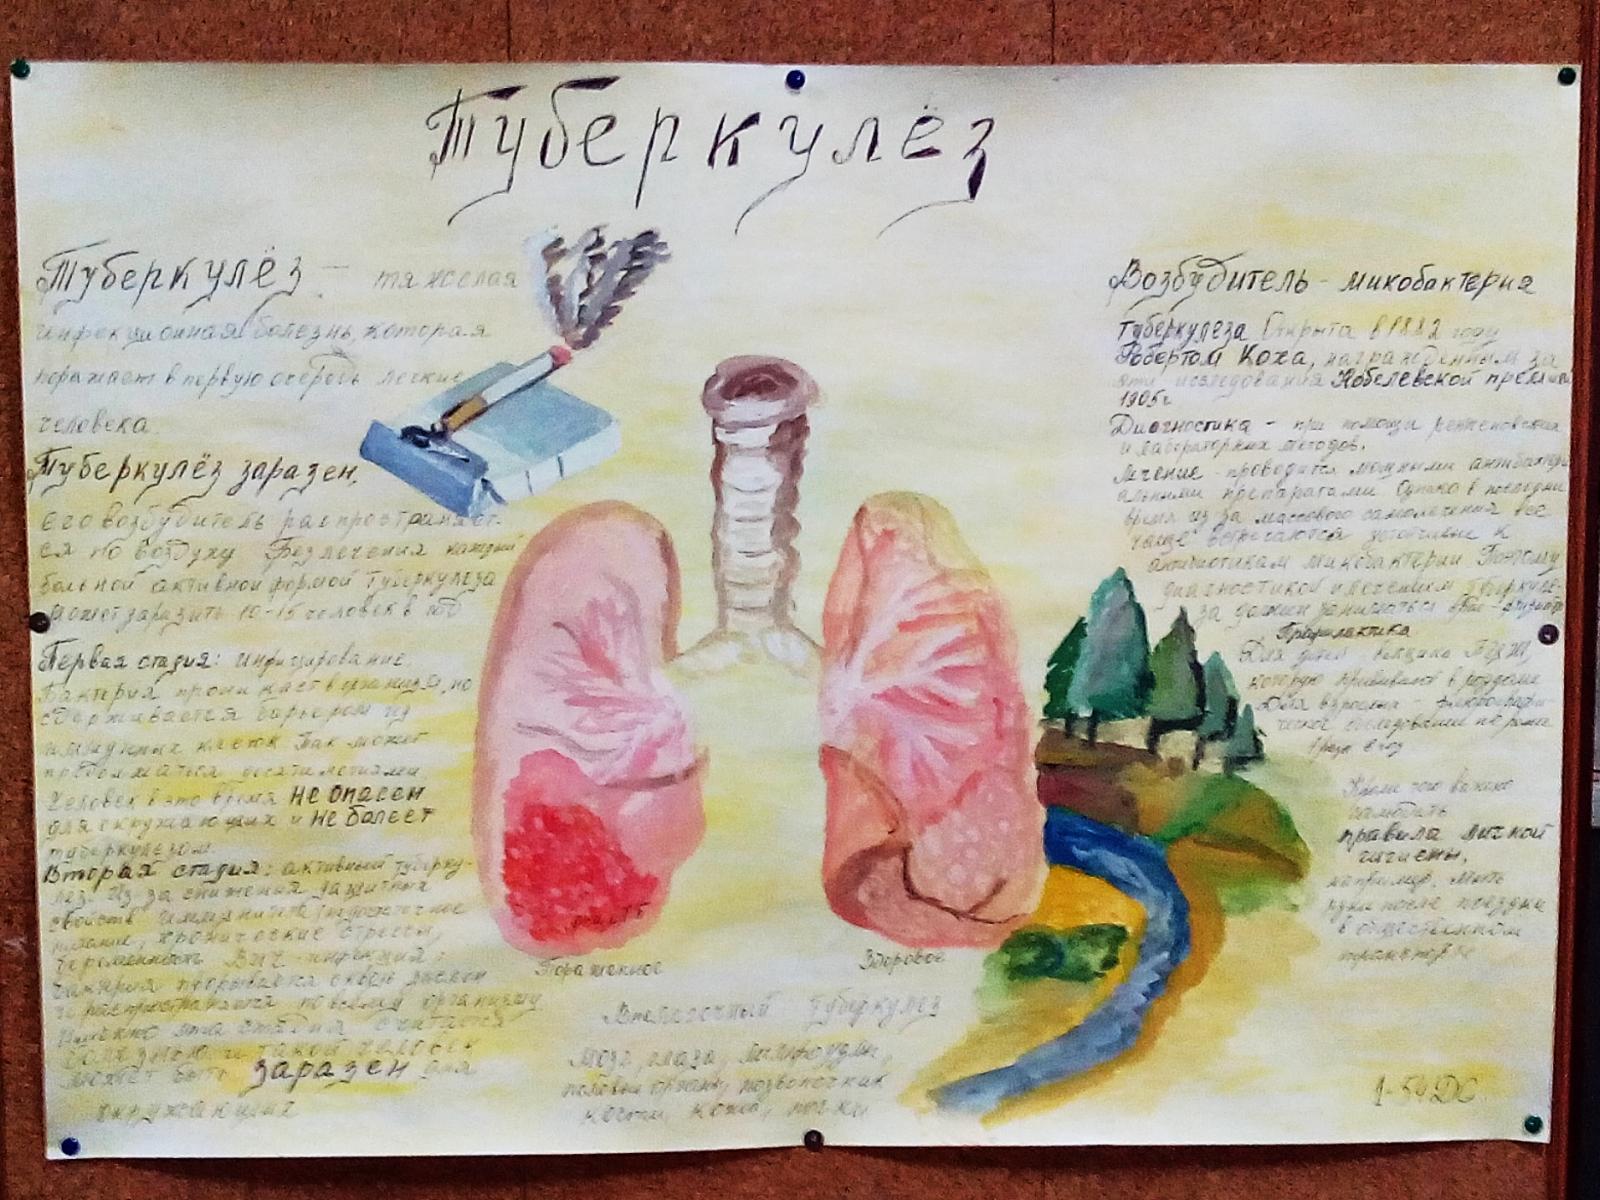 ТПЭК События Мероприятия колледжа Итоги конкурса   1 54ДС 2 23ПС Туберкулезу